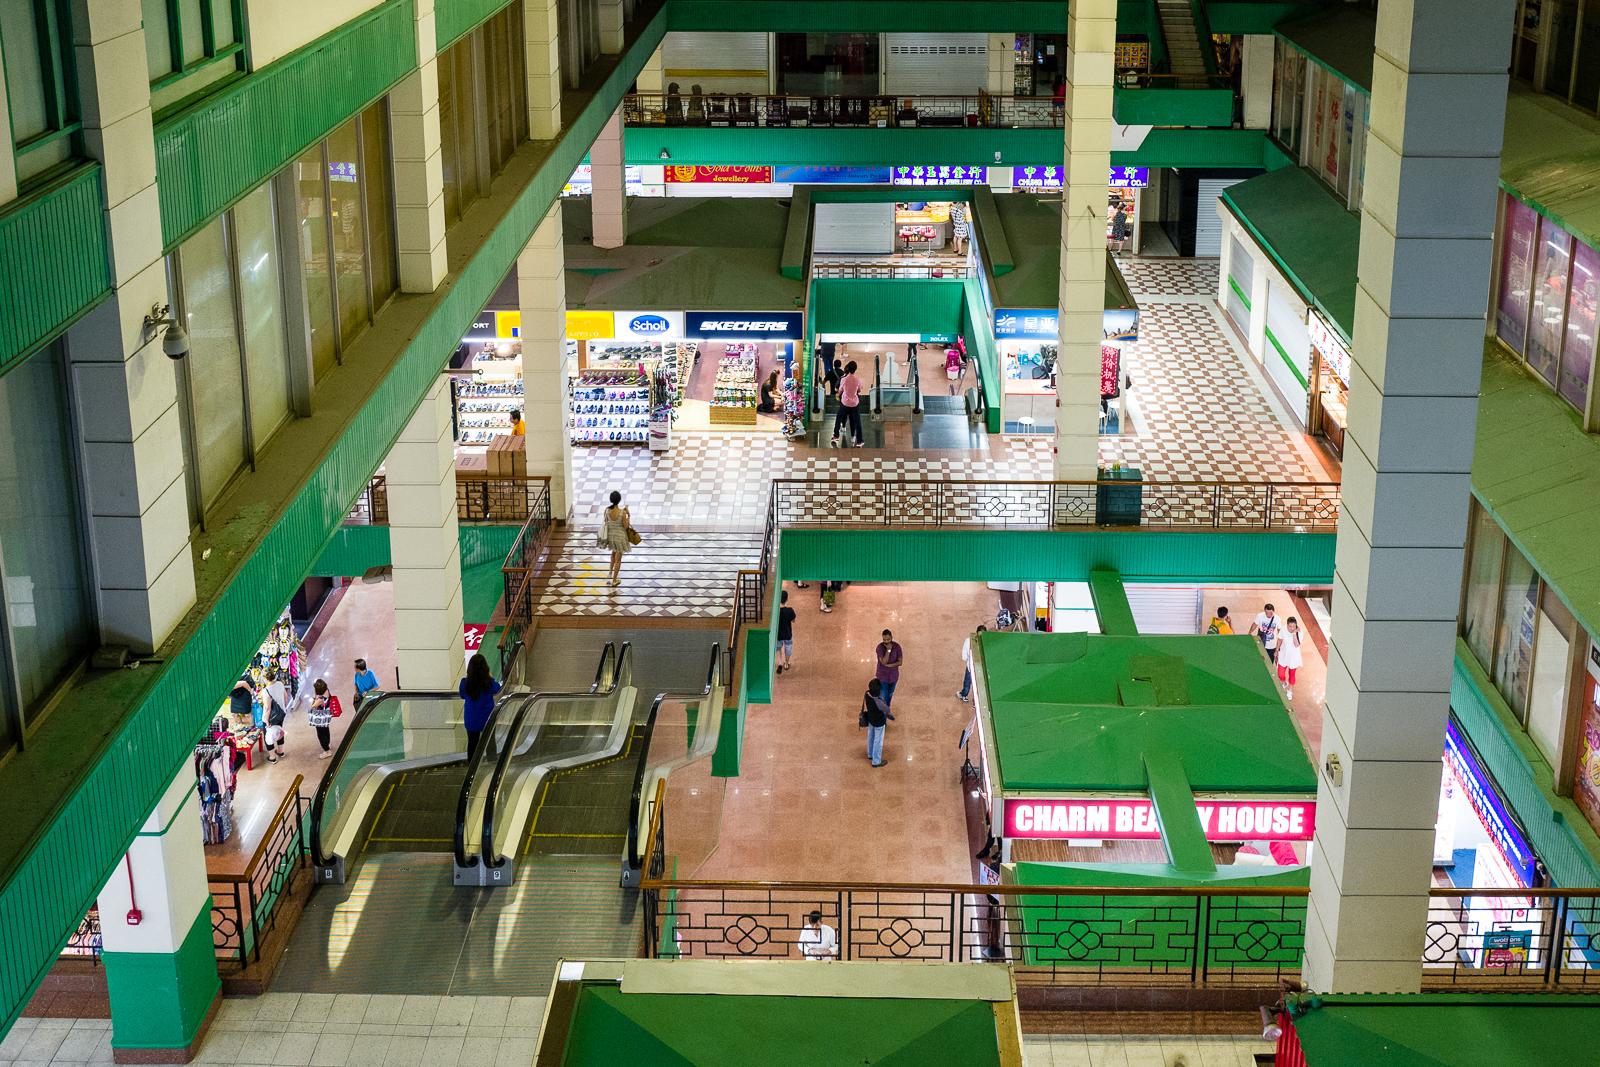 12_chinatown-1010907.jpg